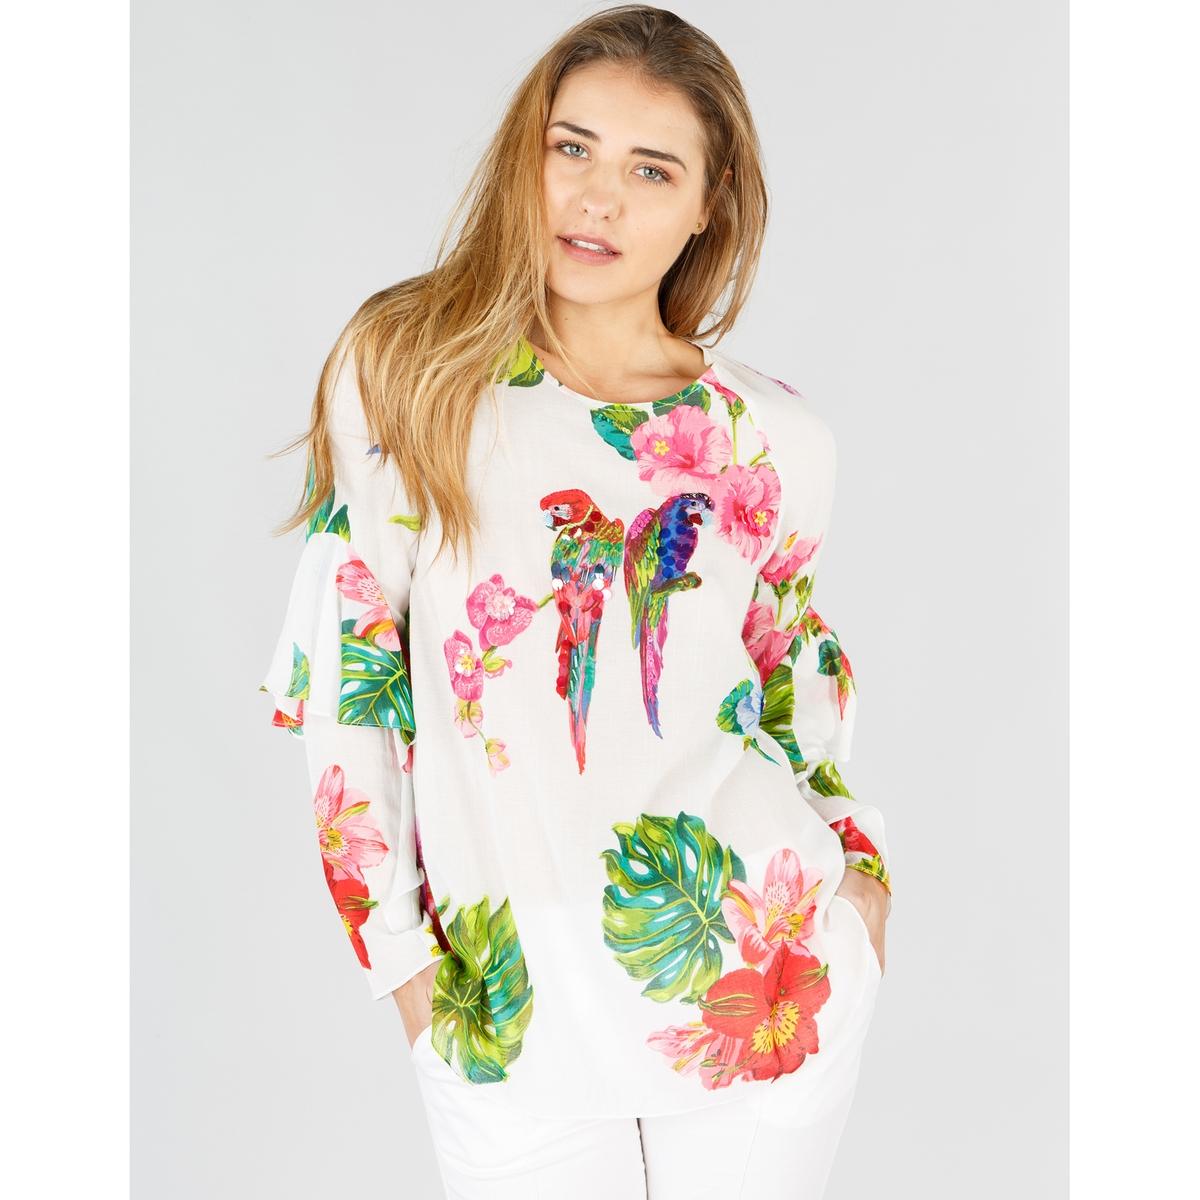 Blusa com gola redonda, estampado flores, mangas compridas